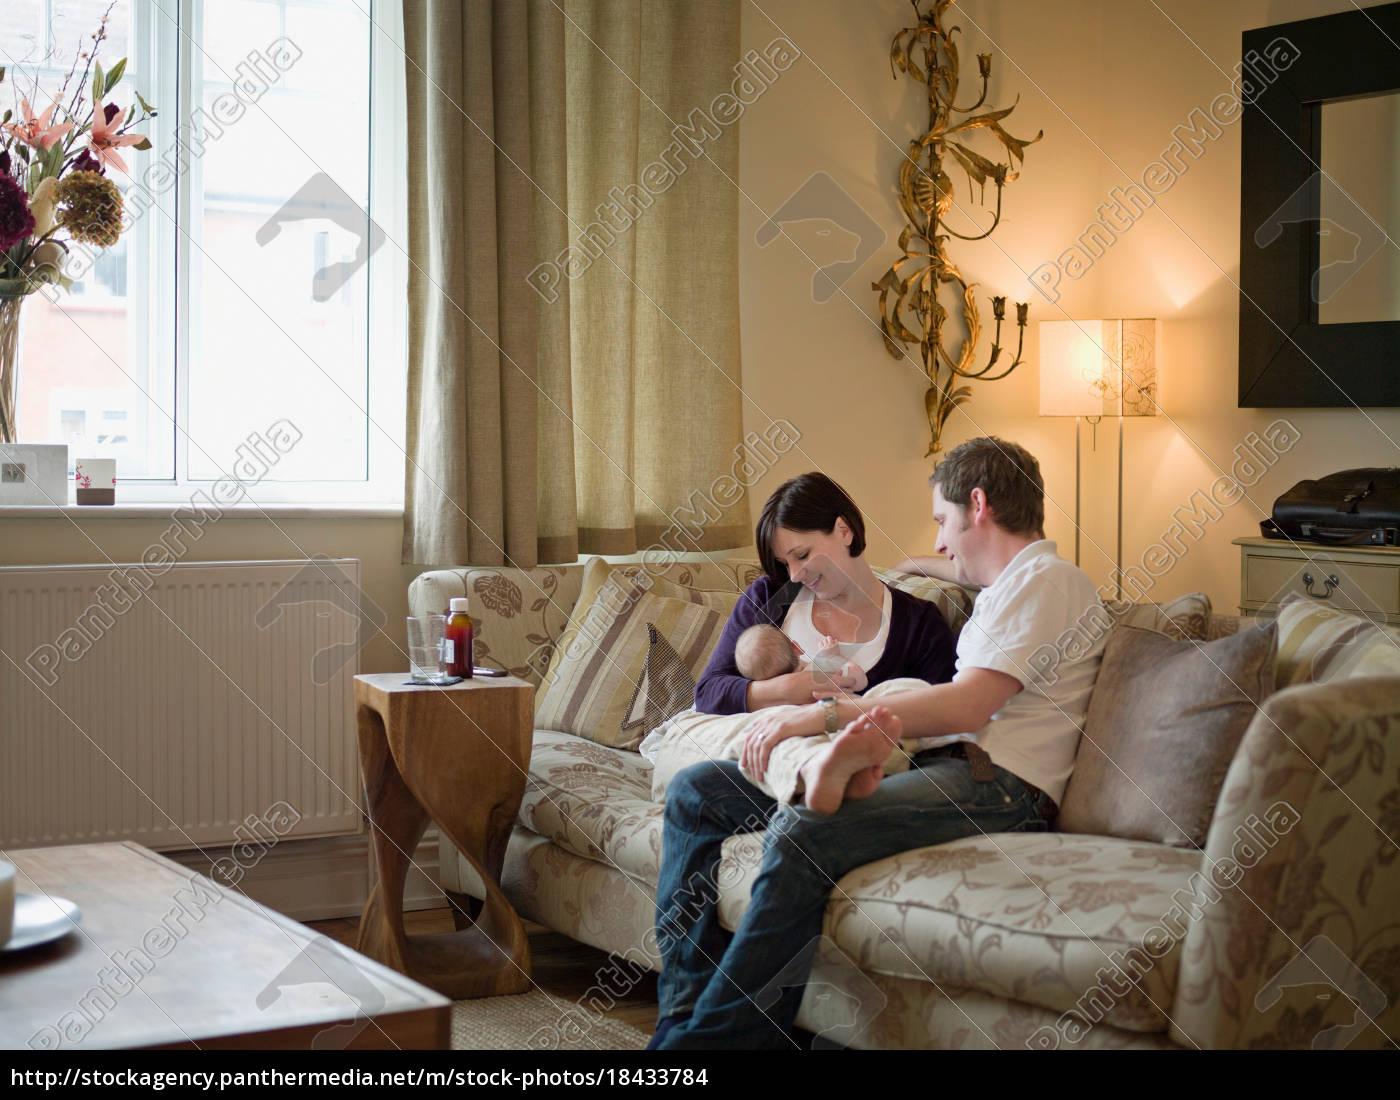 para, i, nowe, dziecko, siedzi, na - 18433784